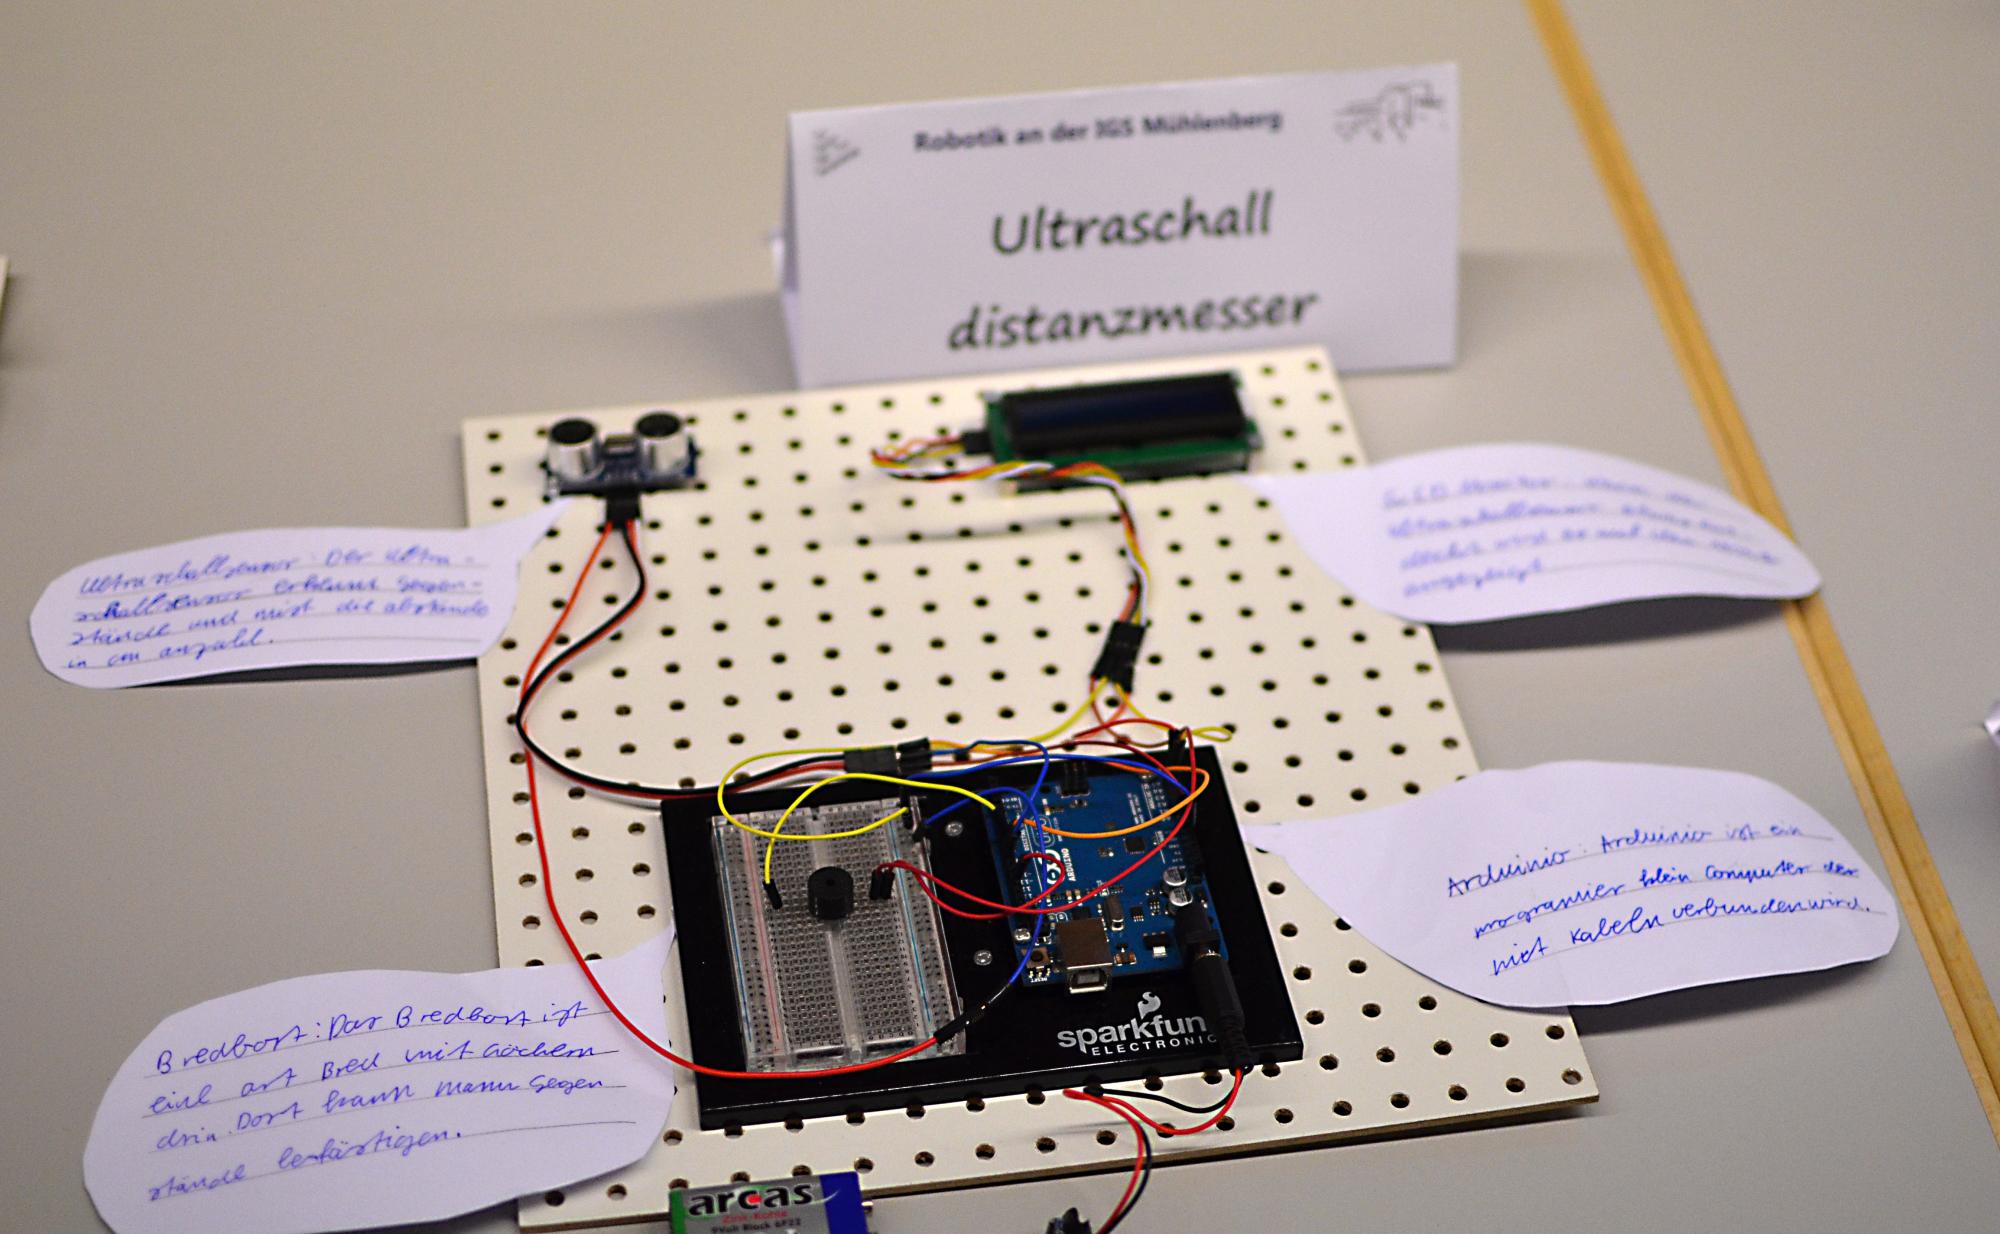 Ultraschall Entfernungsmesser Schaltung : Ultraschall sensor heise online